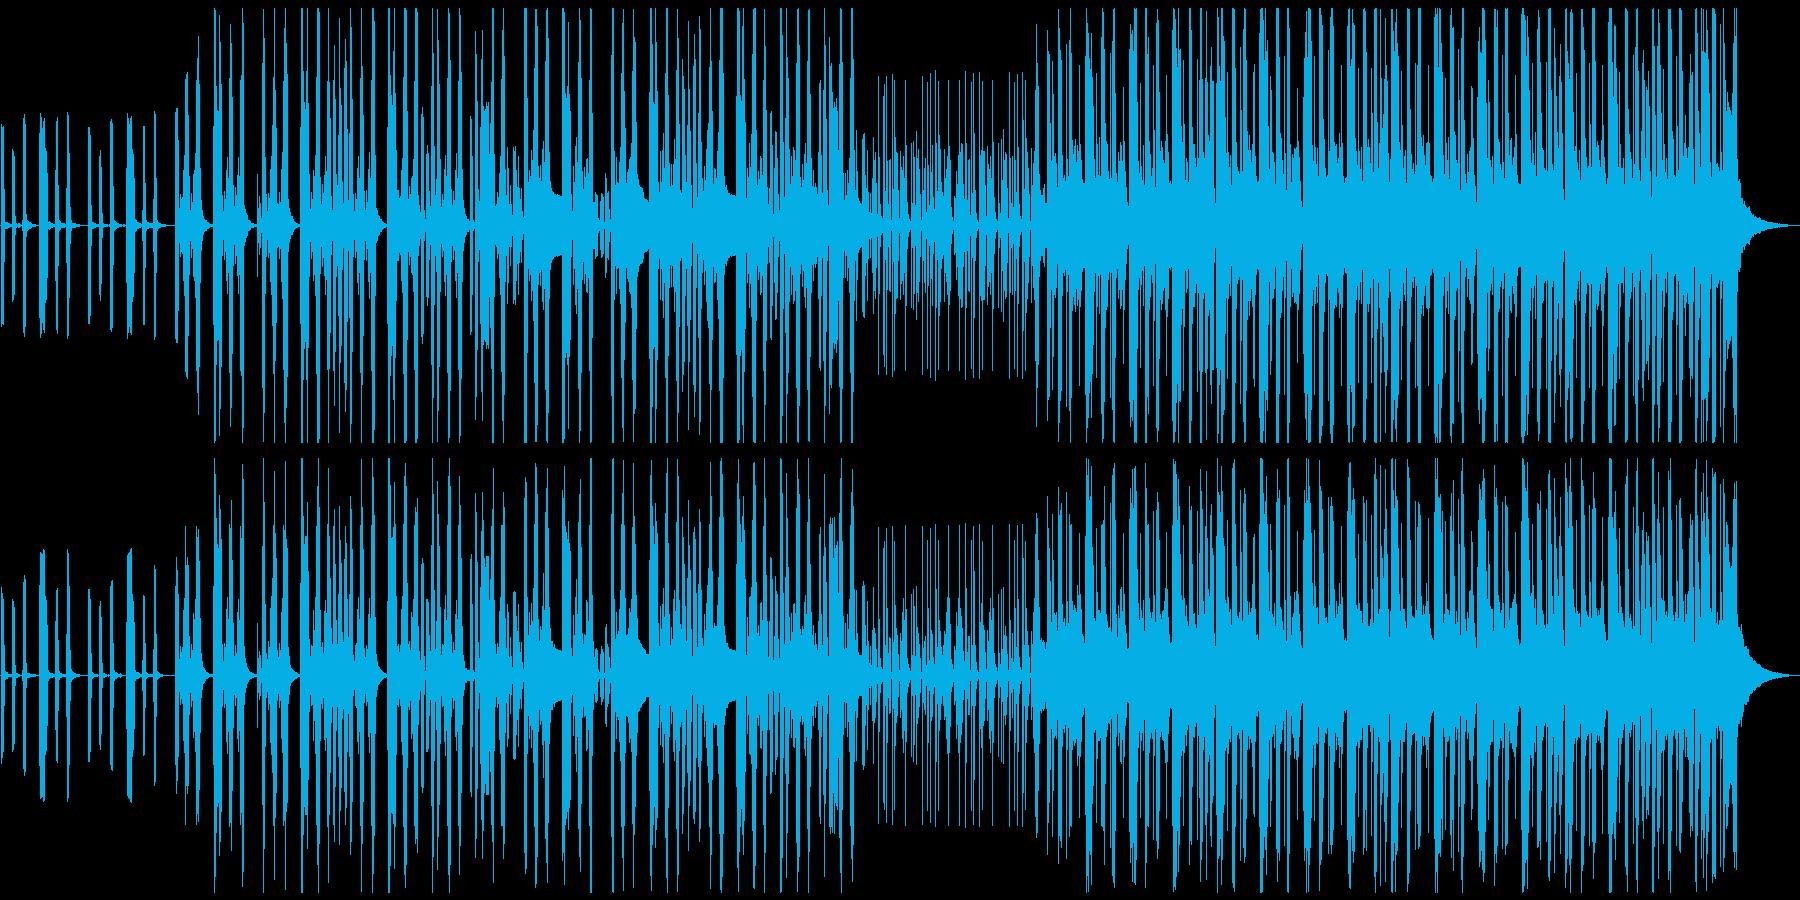 コミカルで可愛い雰囲気のリコーダーマーチの再生済みの波形